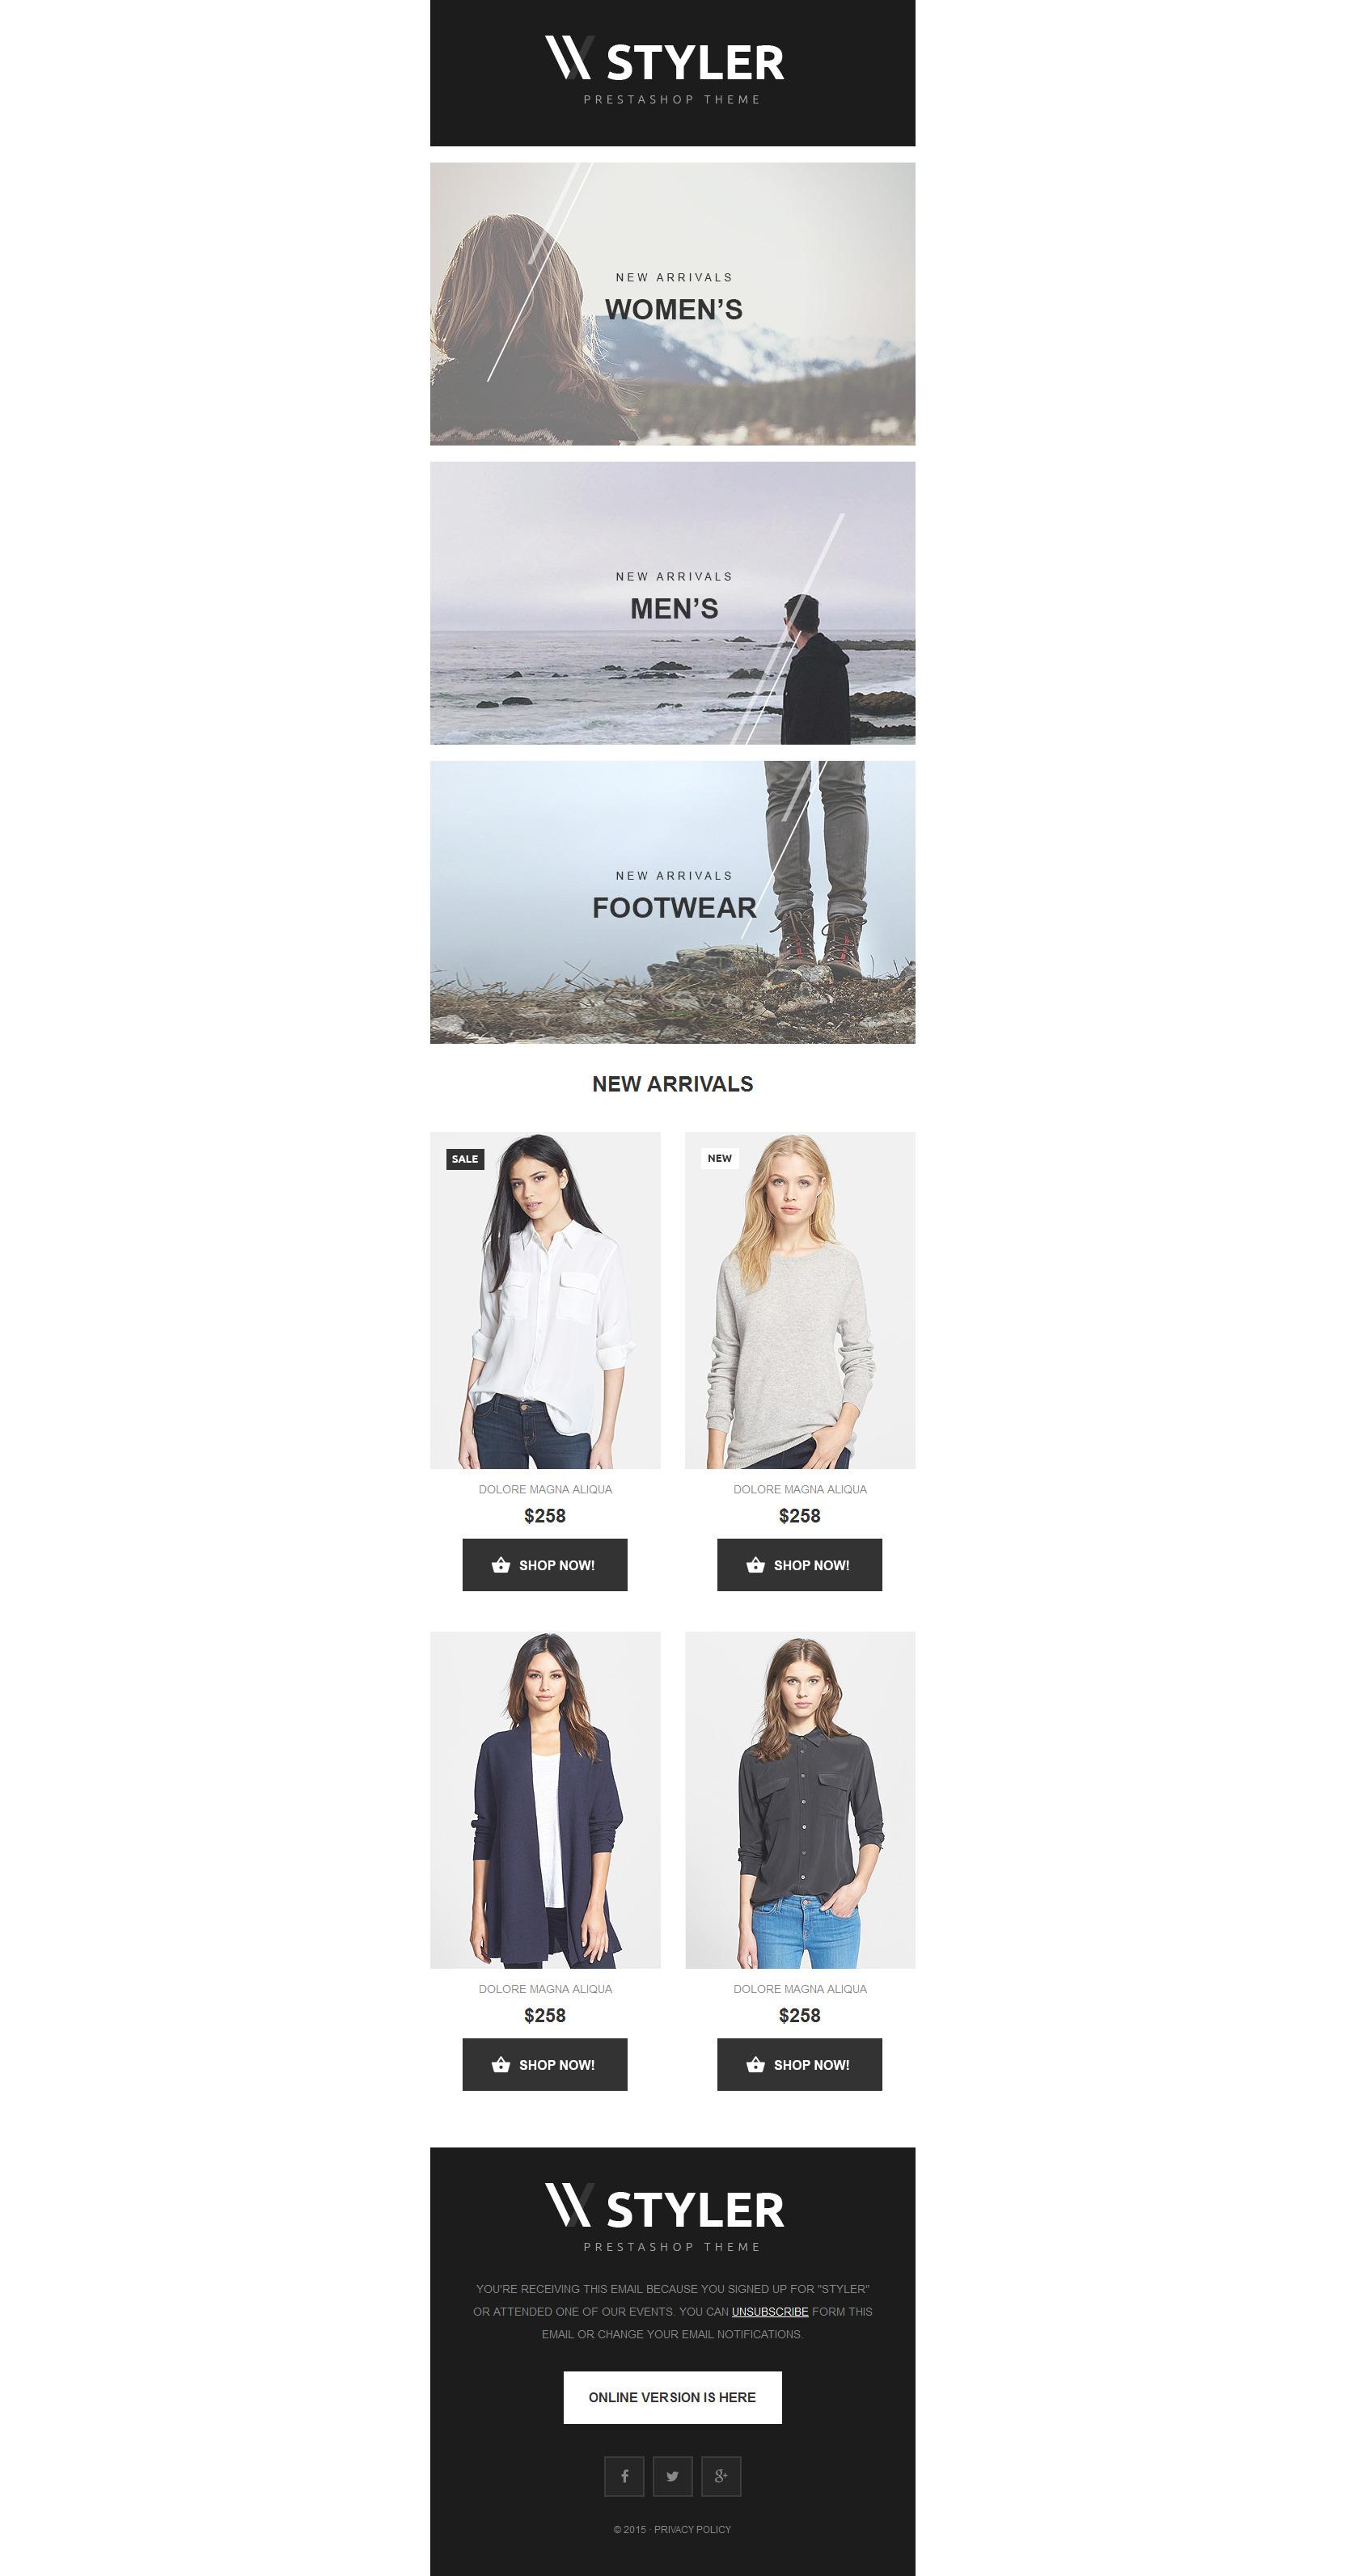 Modèle Bulletin adaptatif pour site de vêtements #55348